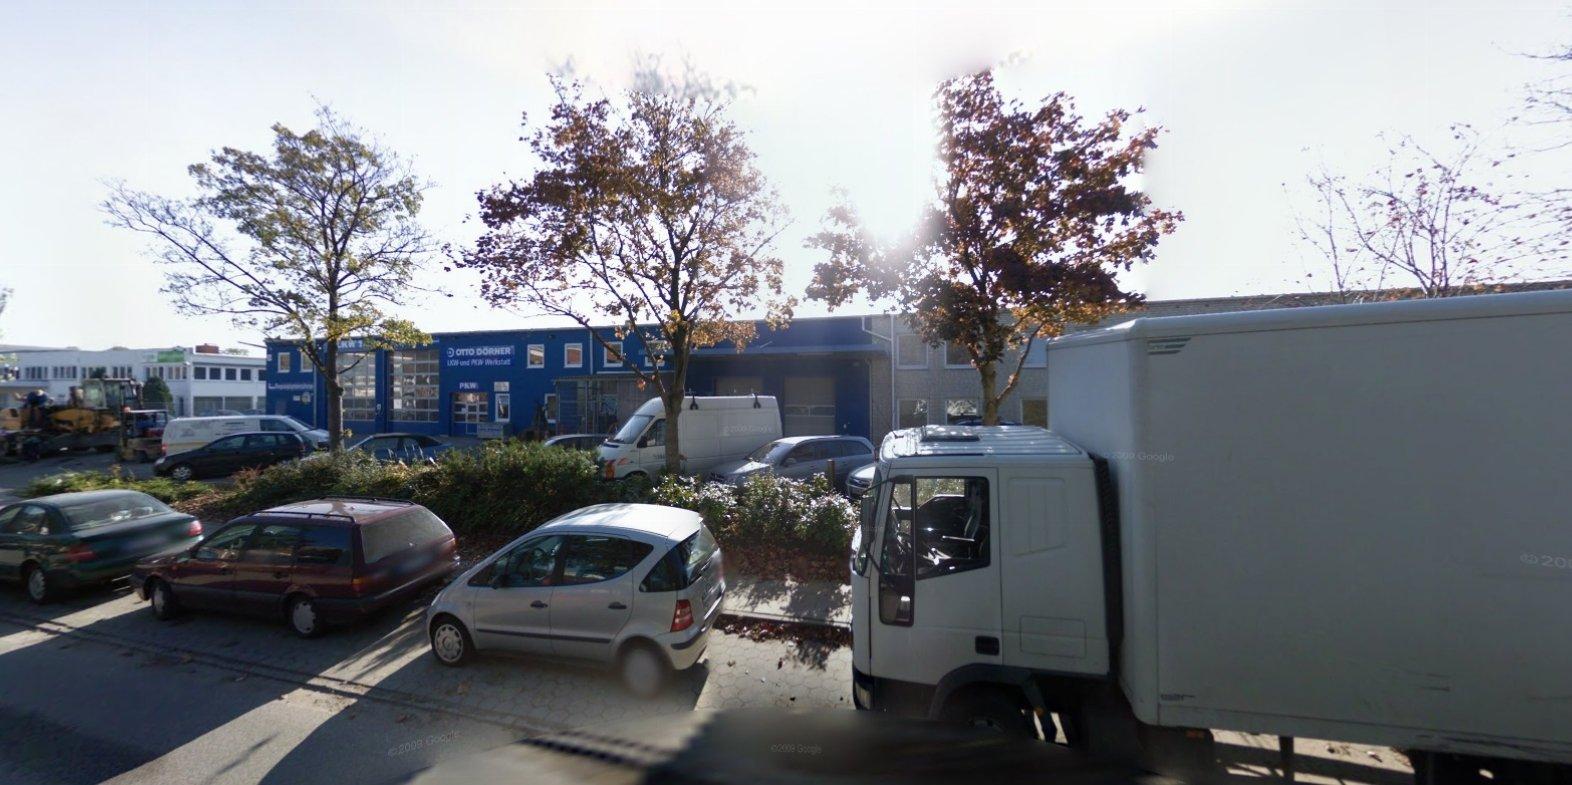 OTTO DÖRNER Kies und Deponien GmbH & Co. KG in 22525 Hamburg